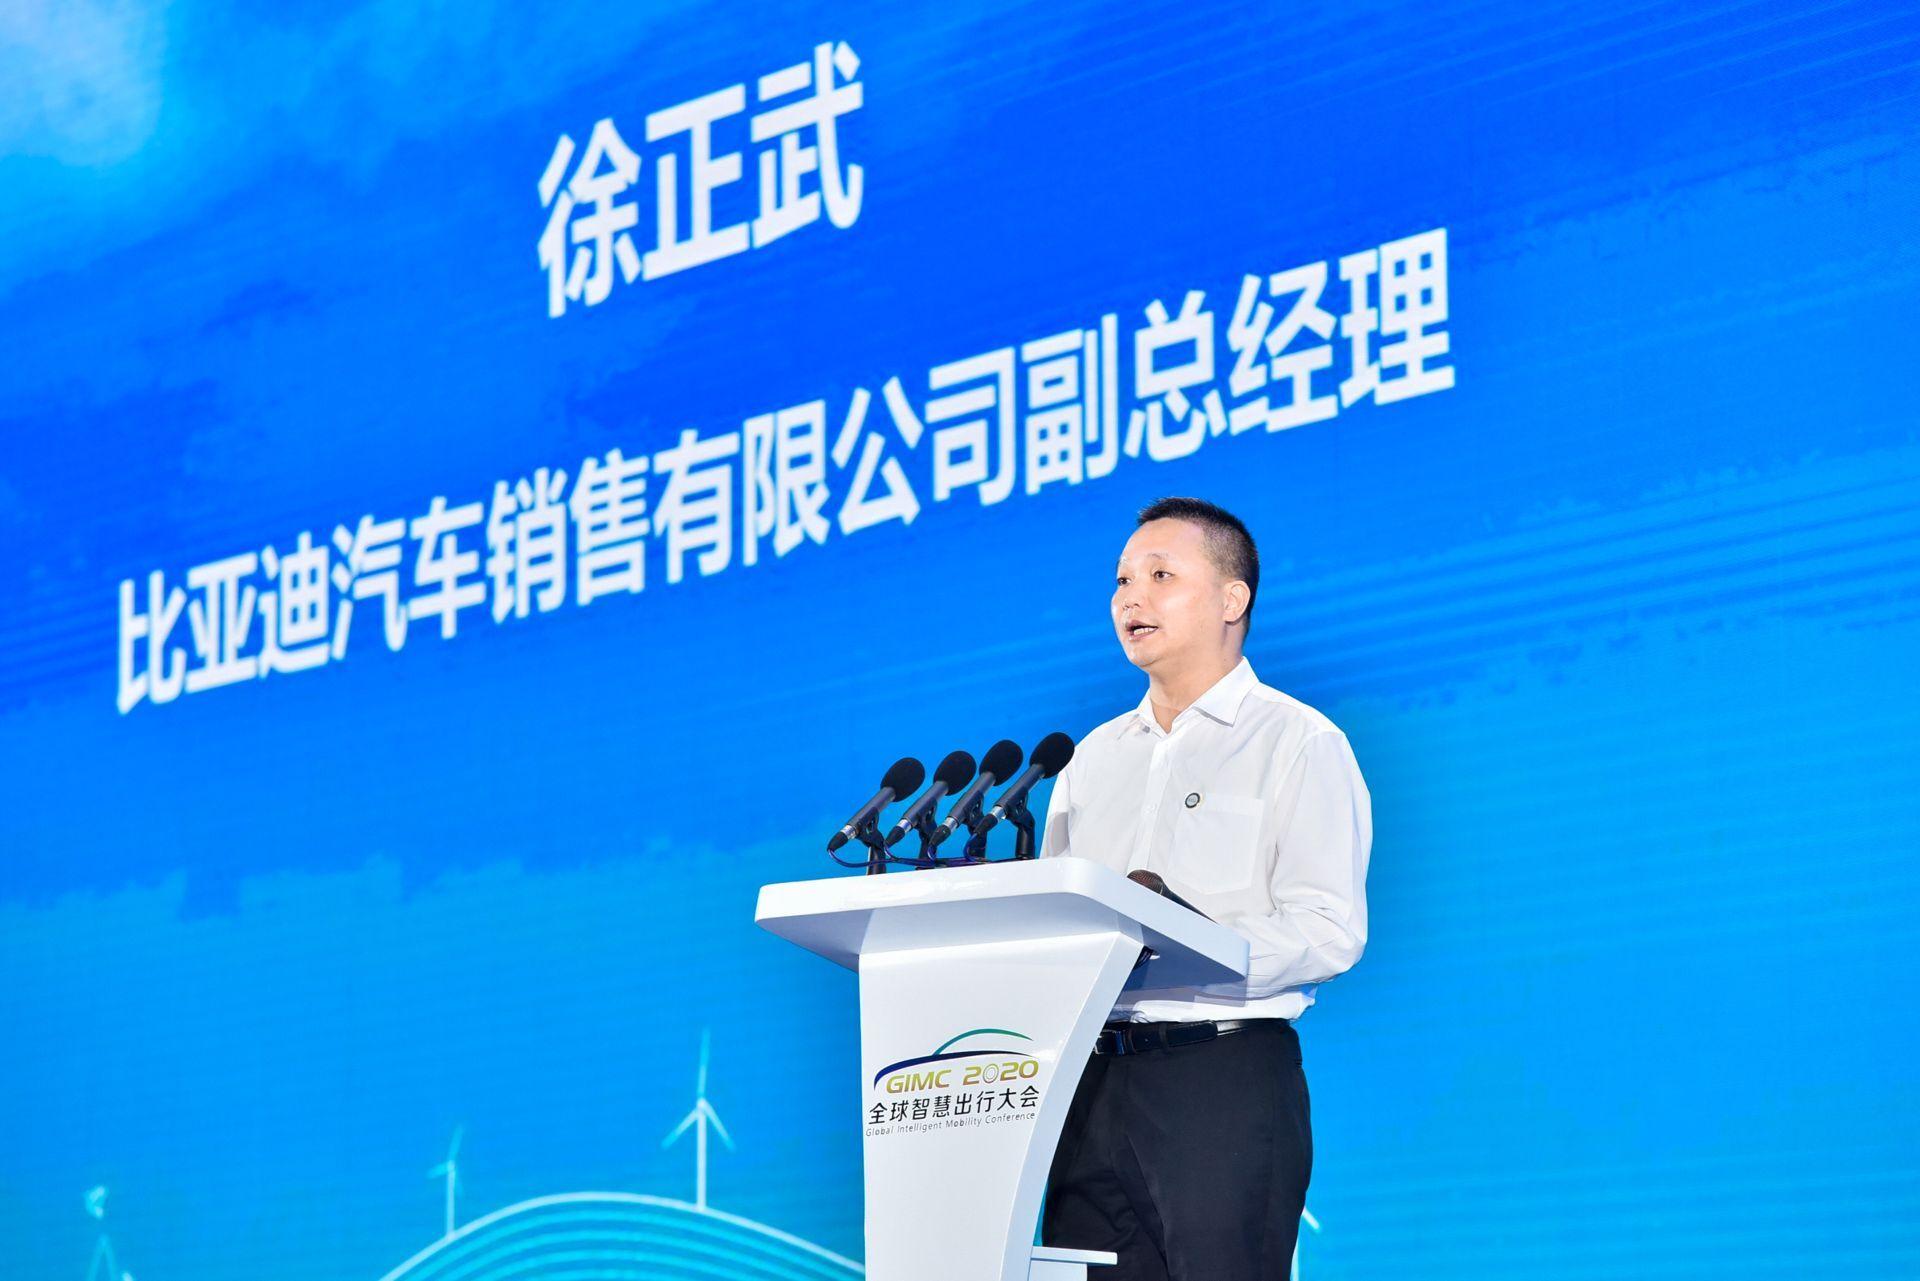 比亚迪:江苏新能源汽车下乡是百姓喜事车企幸事